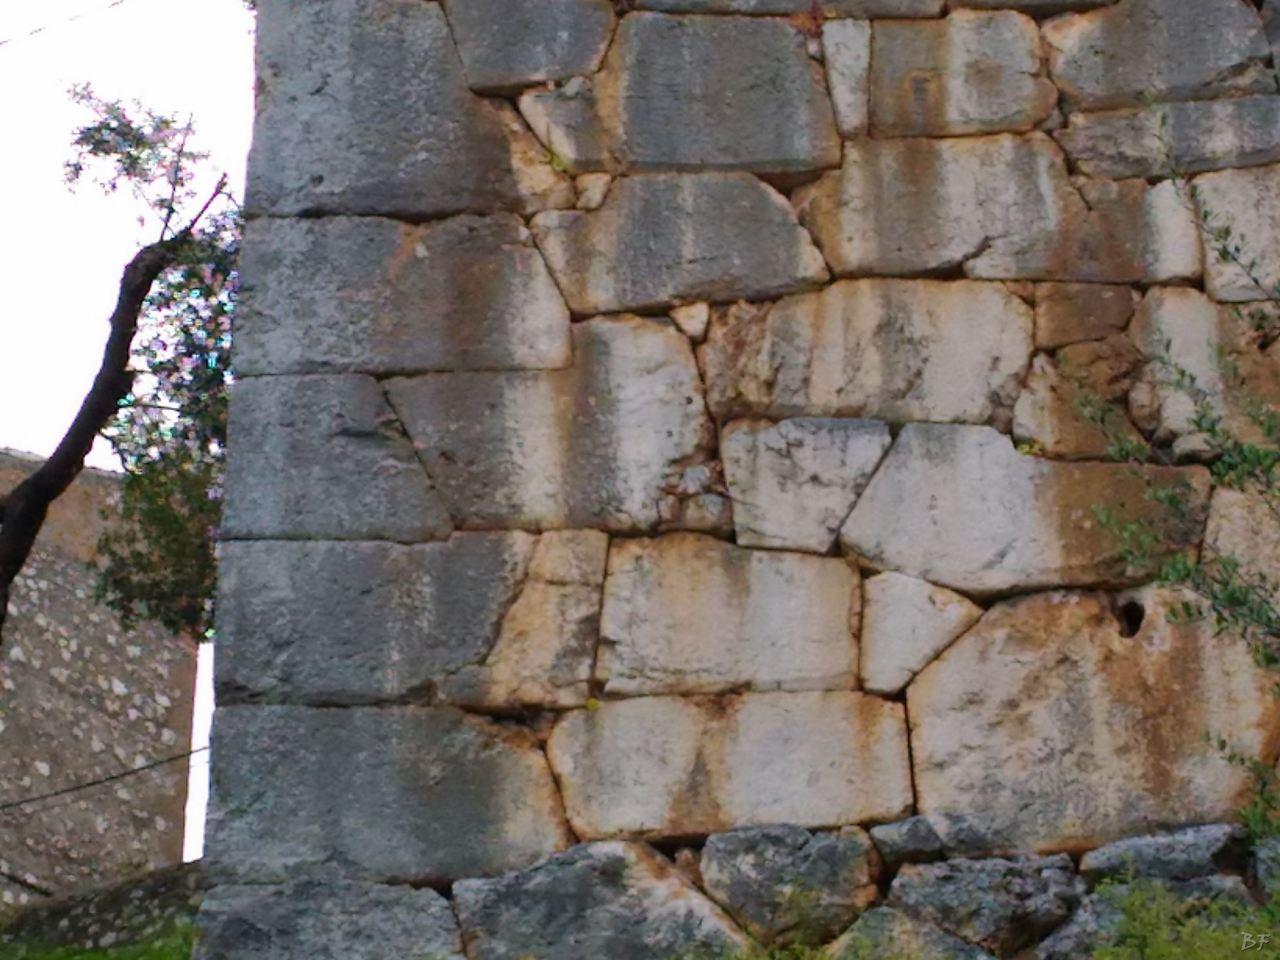 Cora-Mura-Poligonali-Megalitiche-Cori-Latina-Lazio-Italia-10